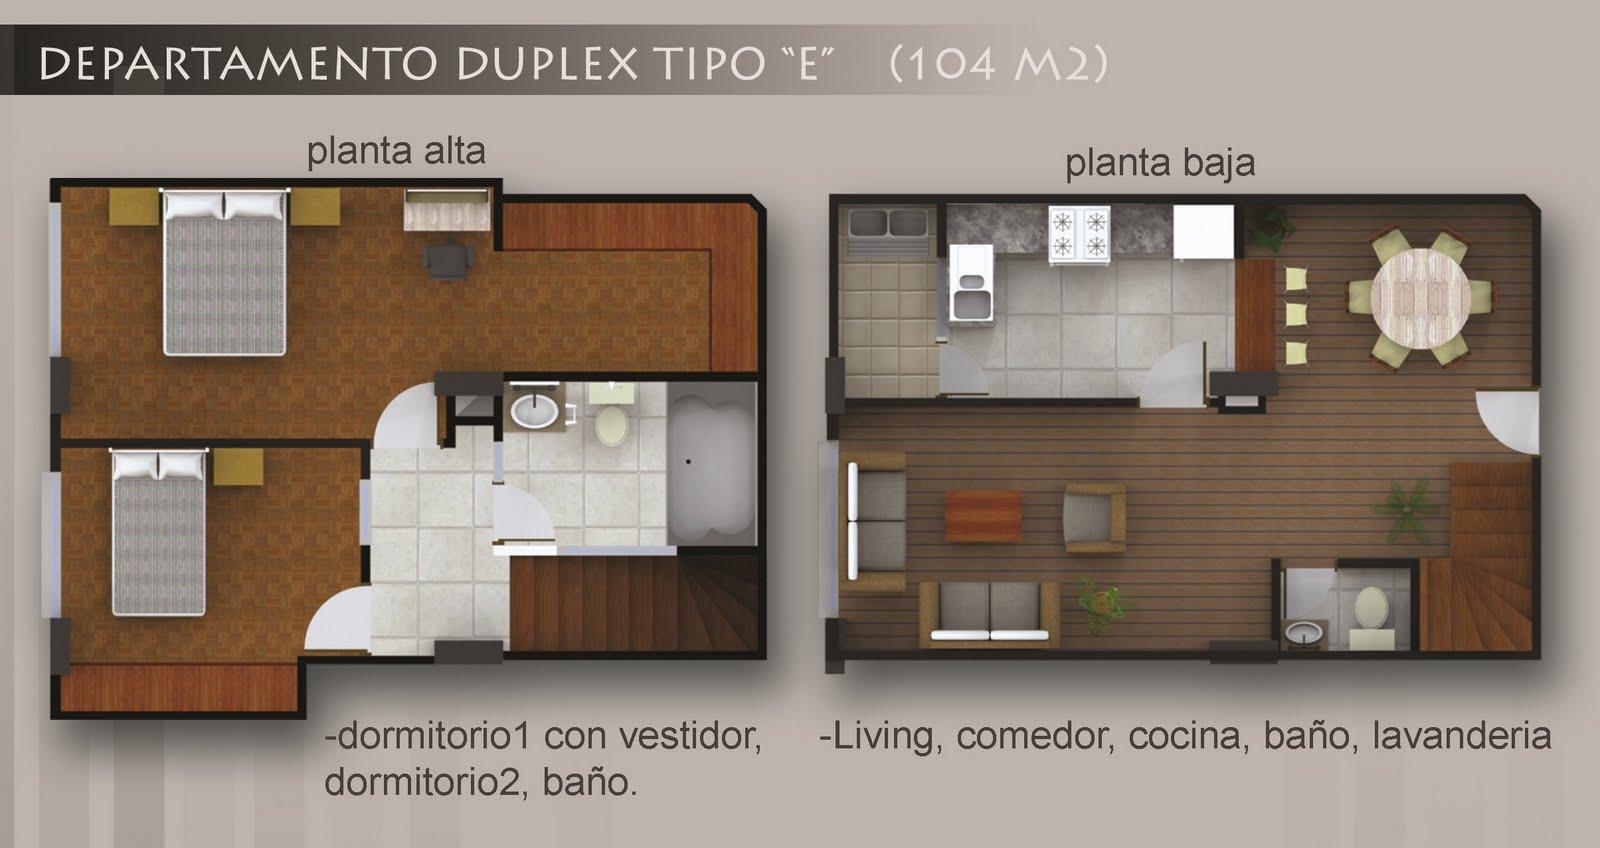 Baño Vestidor Planta:esta disponible en planta baja y 1er piso el tipo f en planta baja